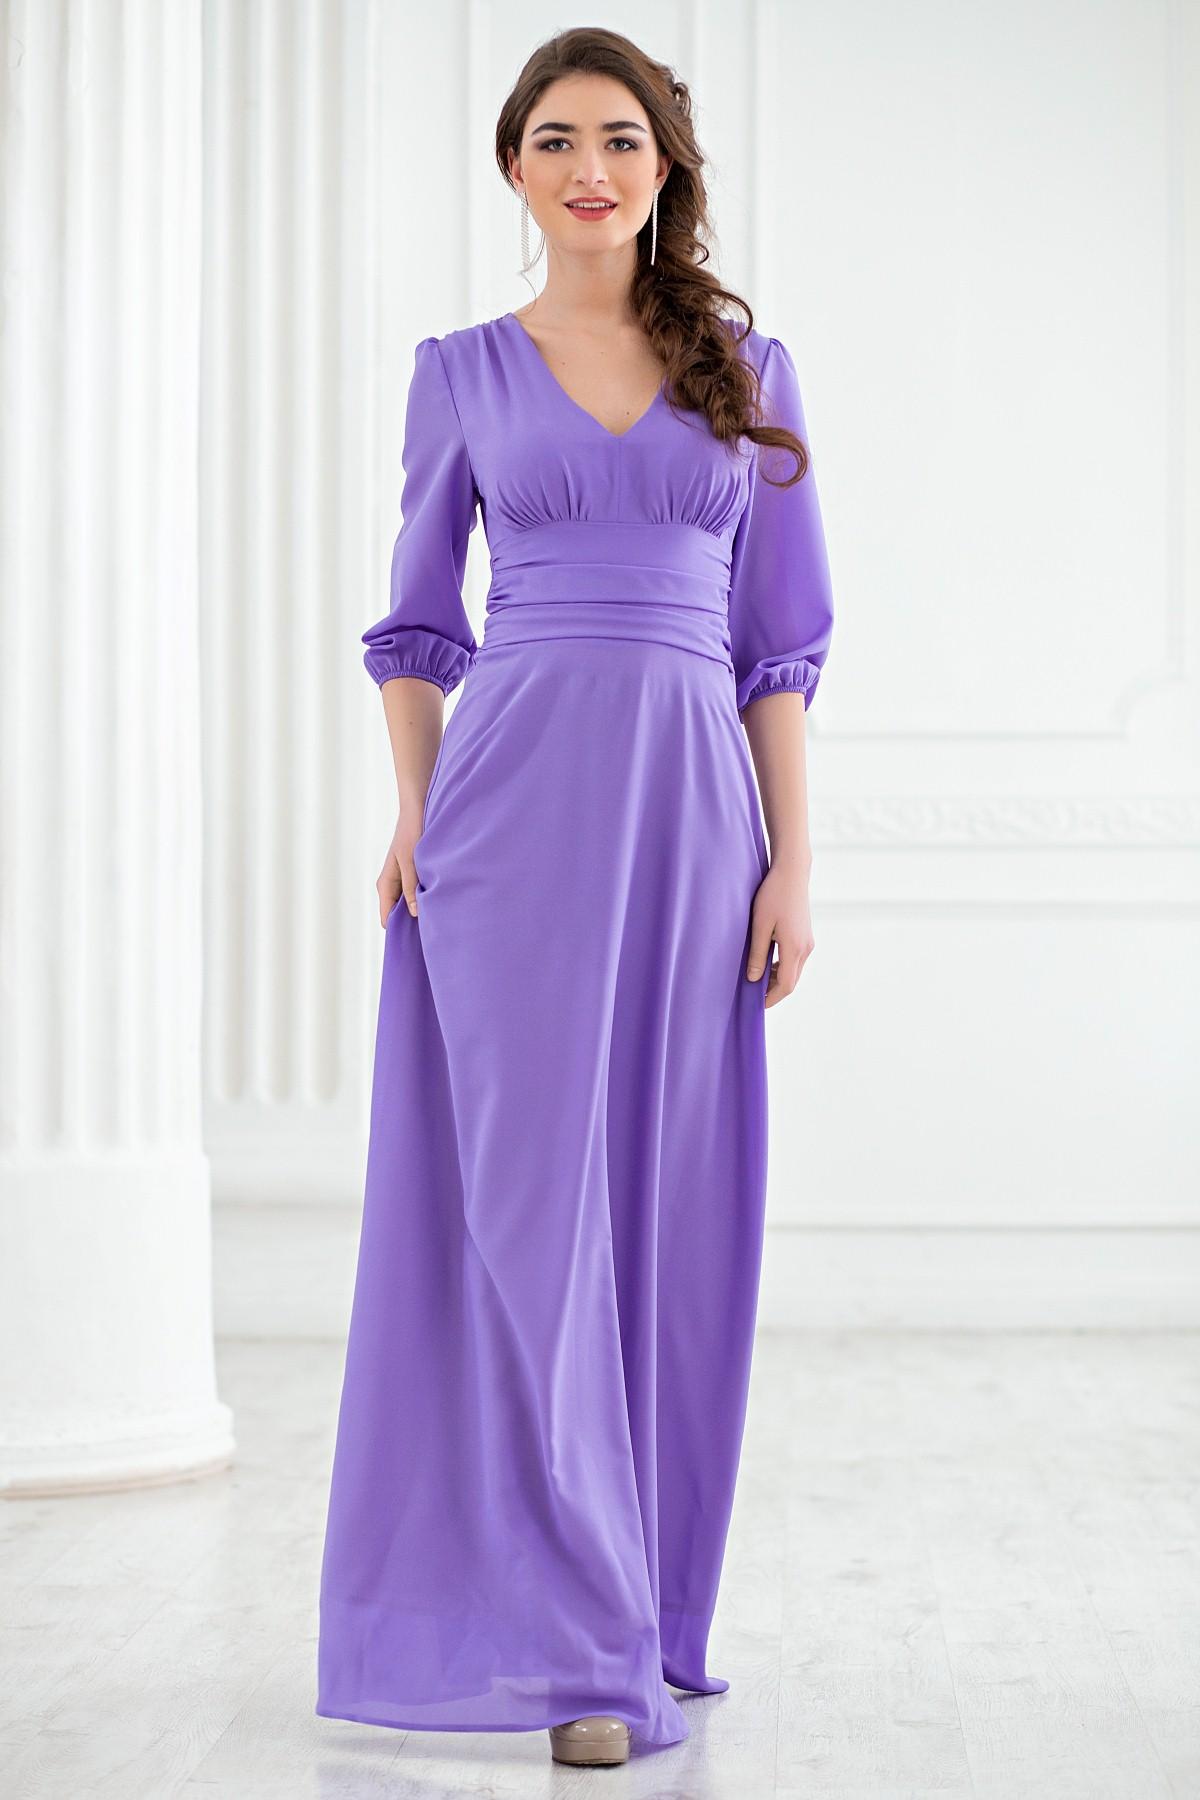 Женская одежда моника